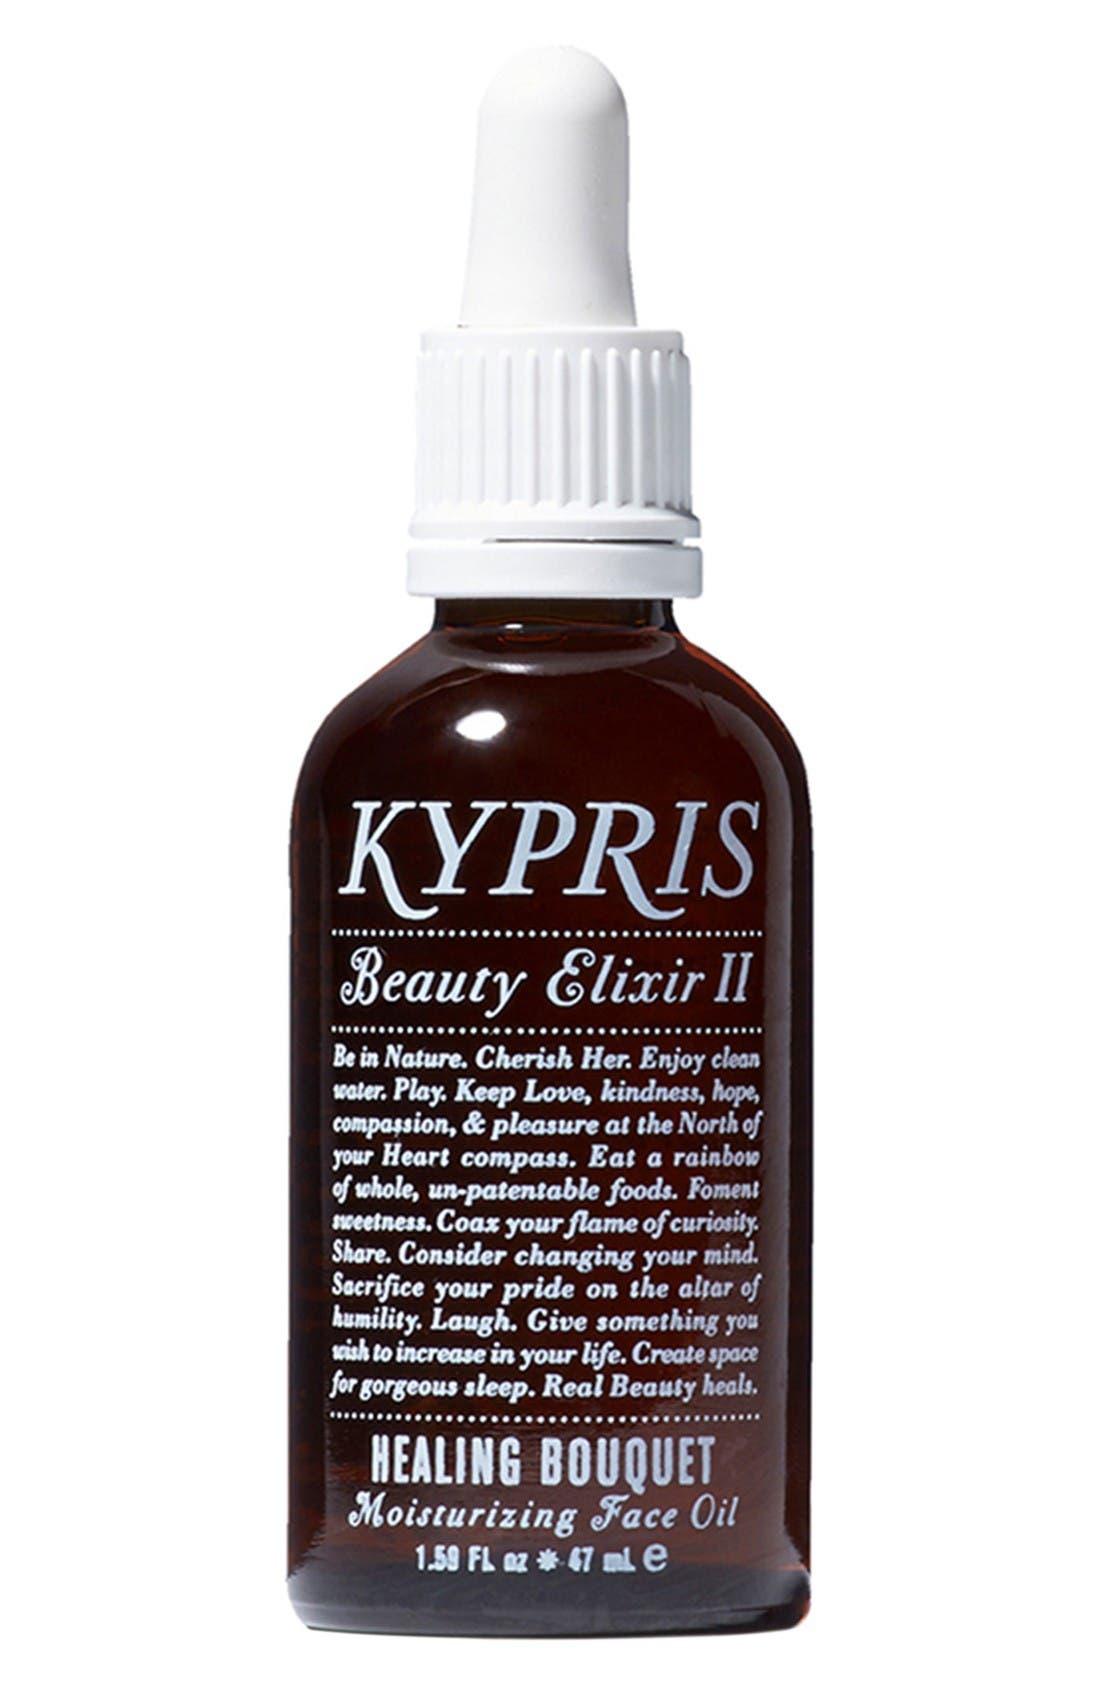 Main Image - KYPRIS Beauty Beauty Elixir II: Healing Bouquet